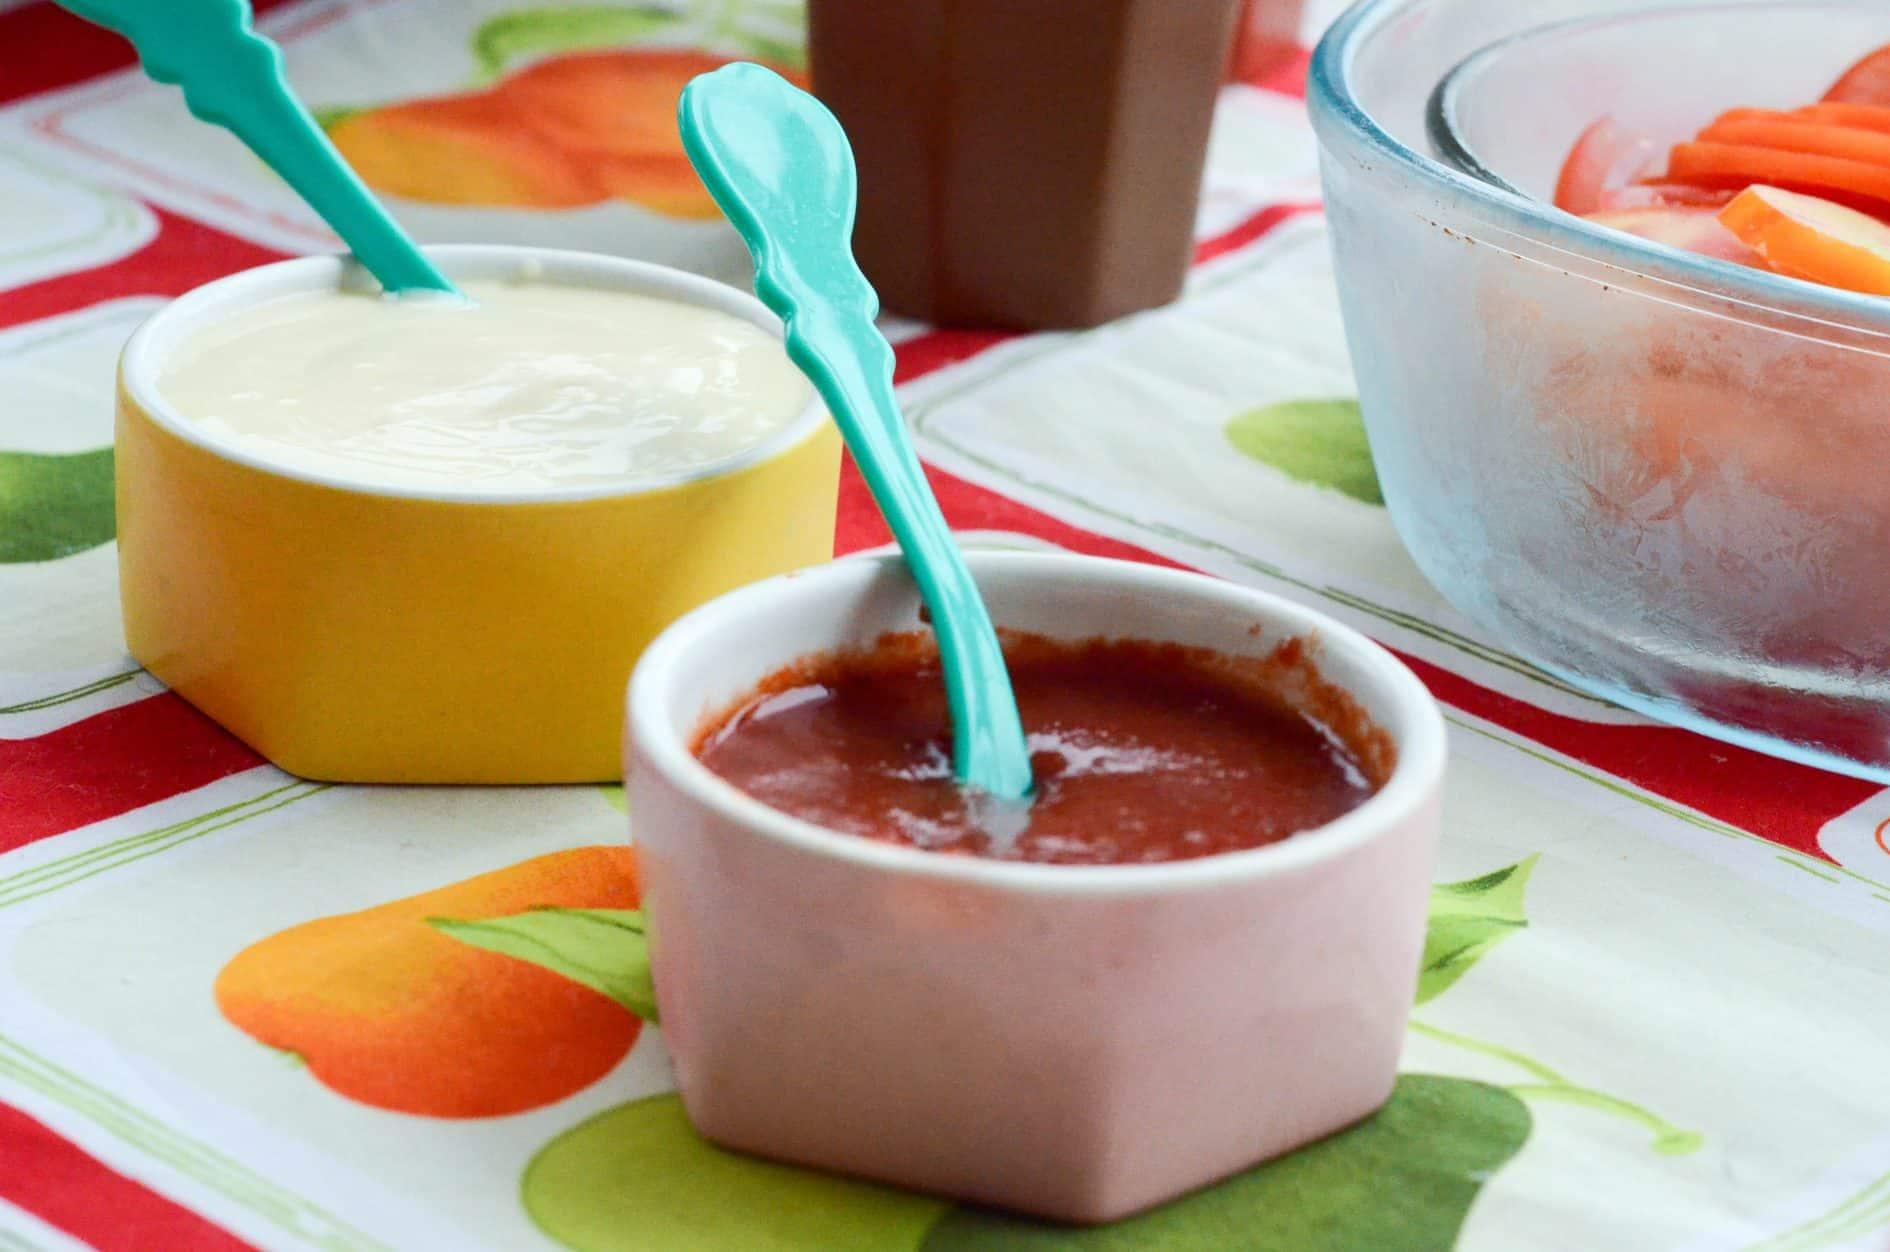 receita de ketchup feito em casa